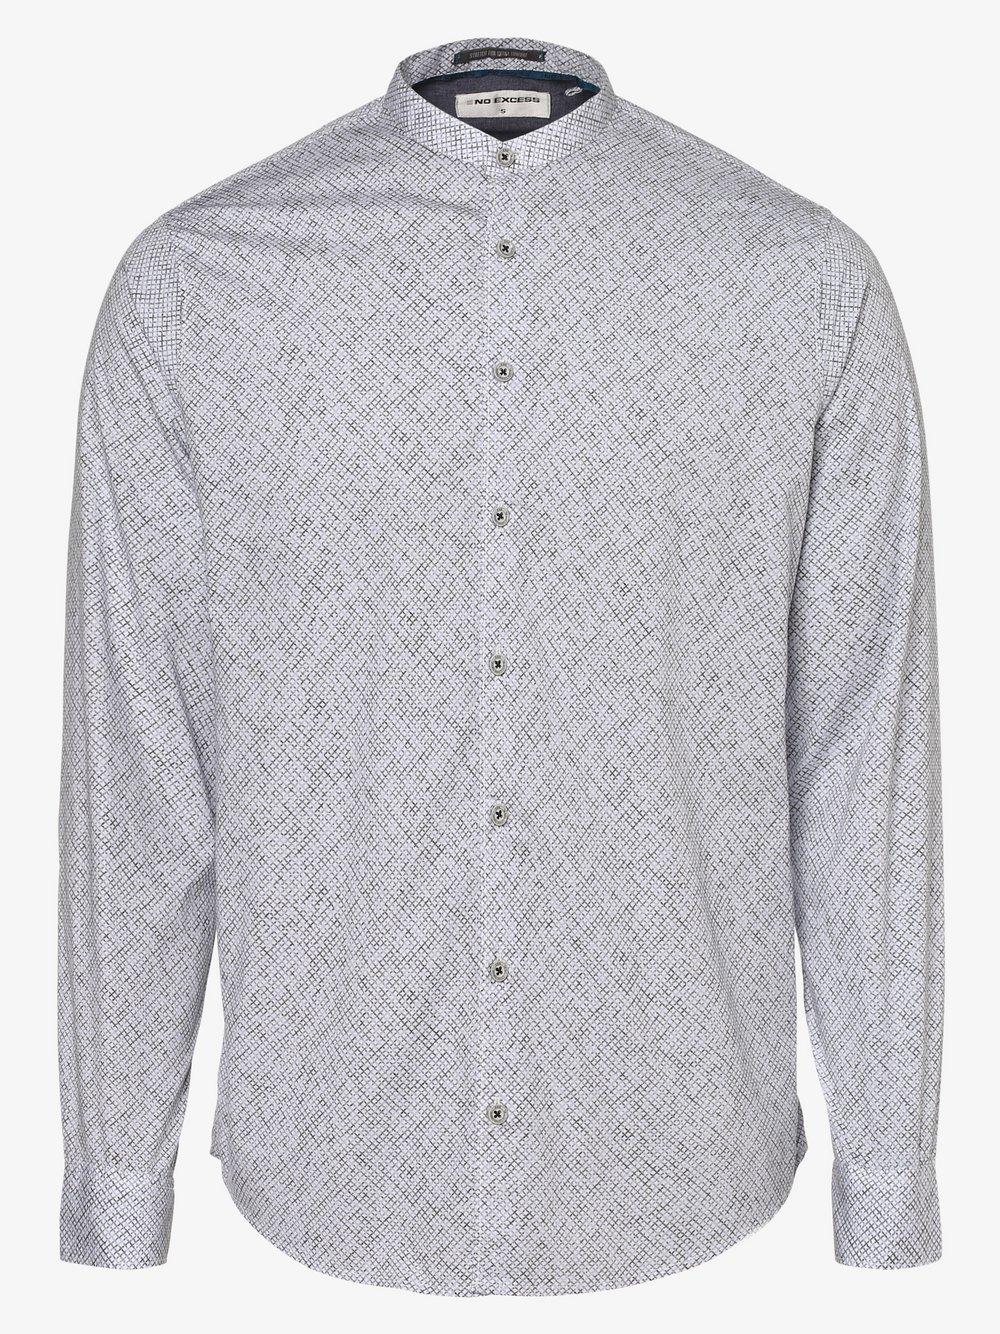 No Excess – Koszula męska, niebieski Van Graaf 480617-0001-09995